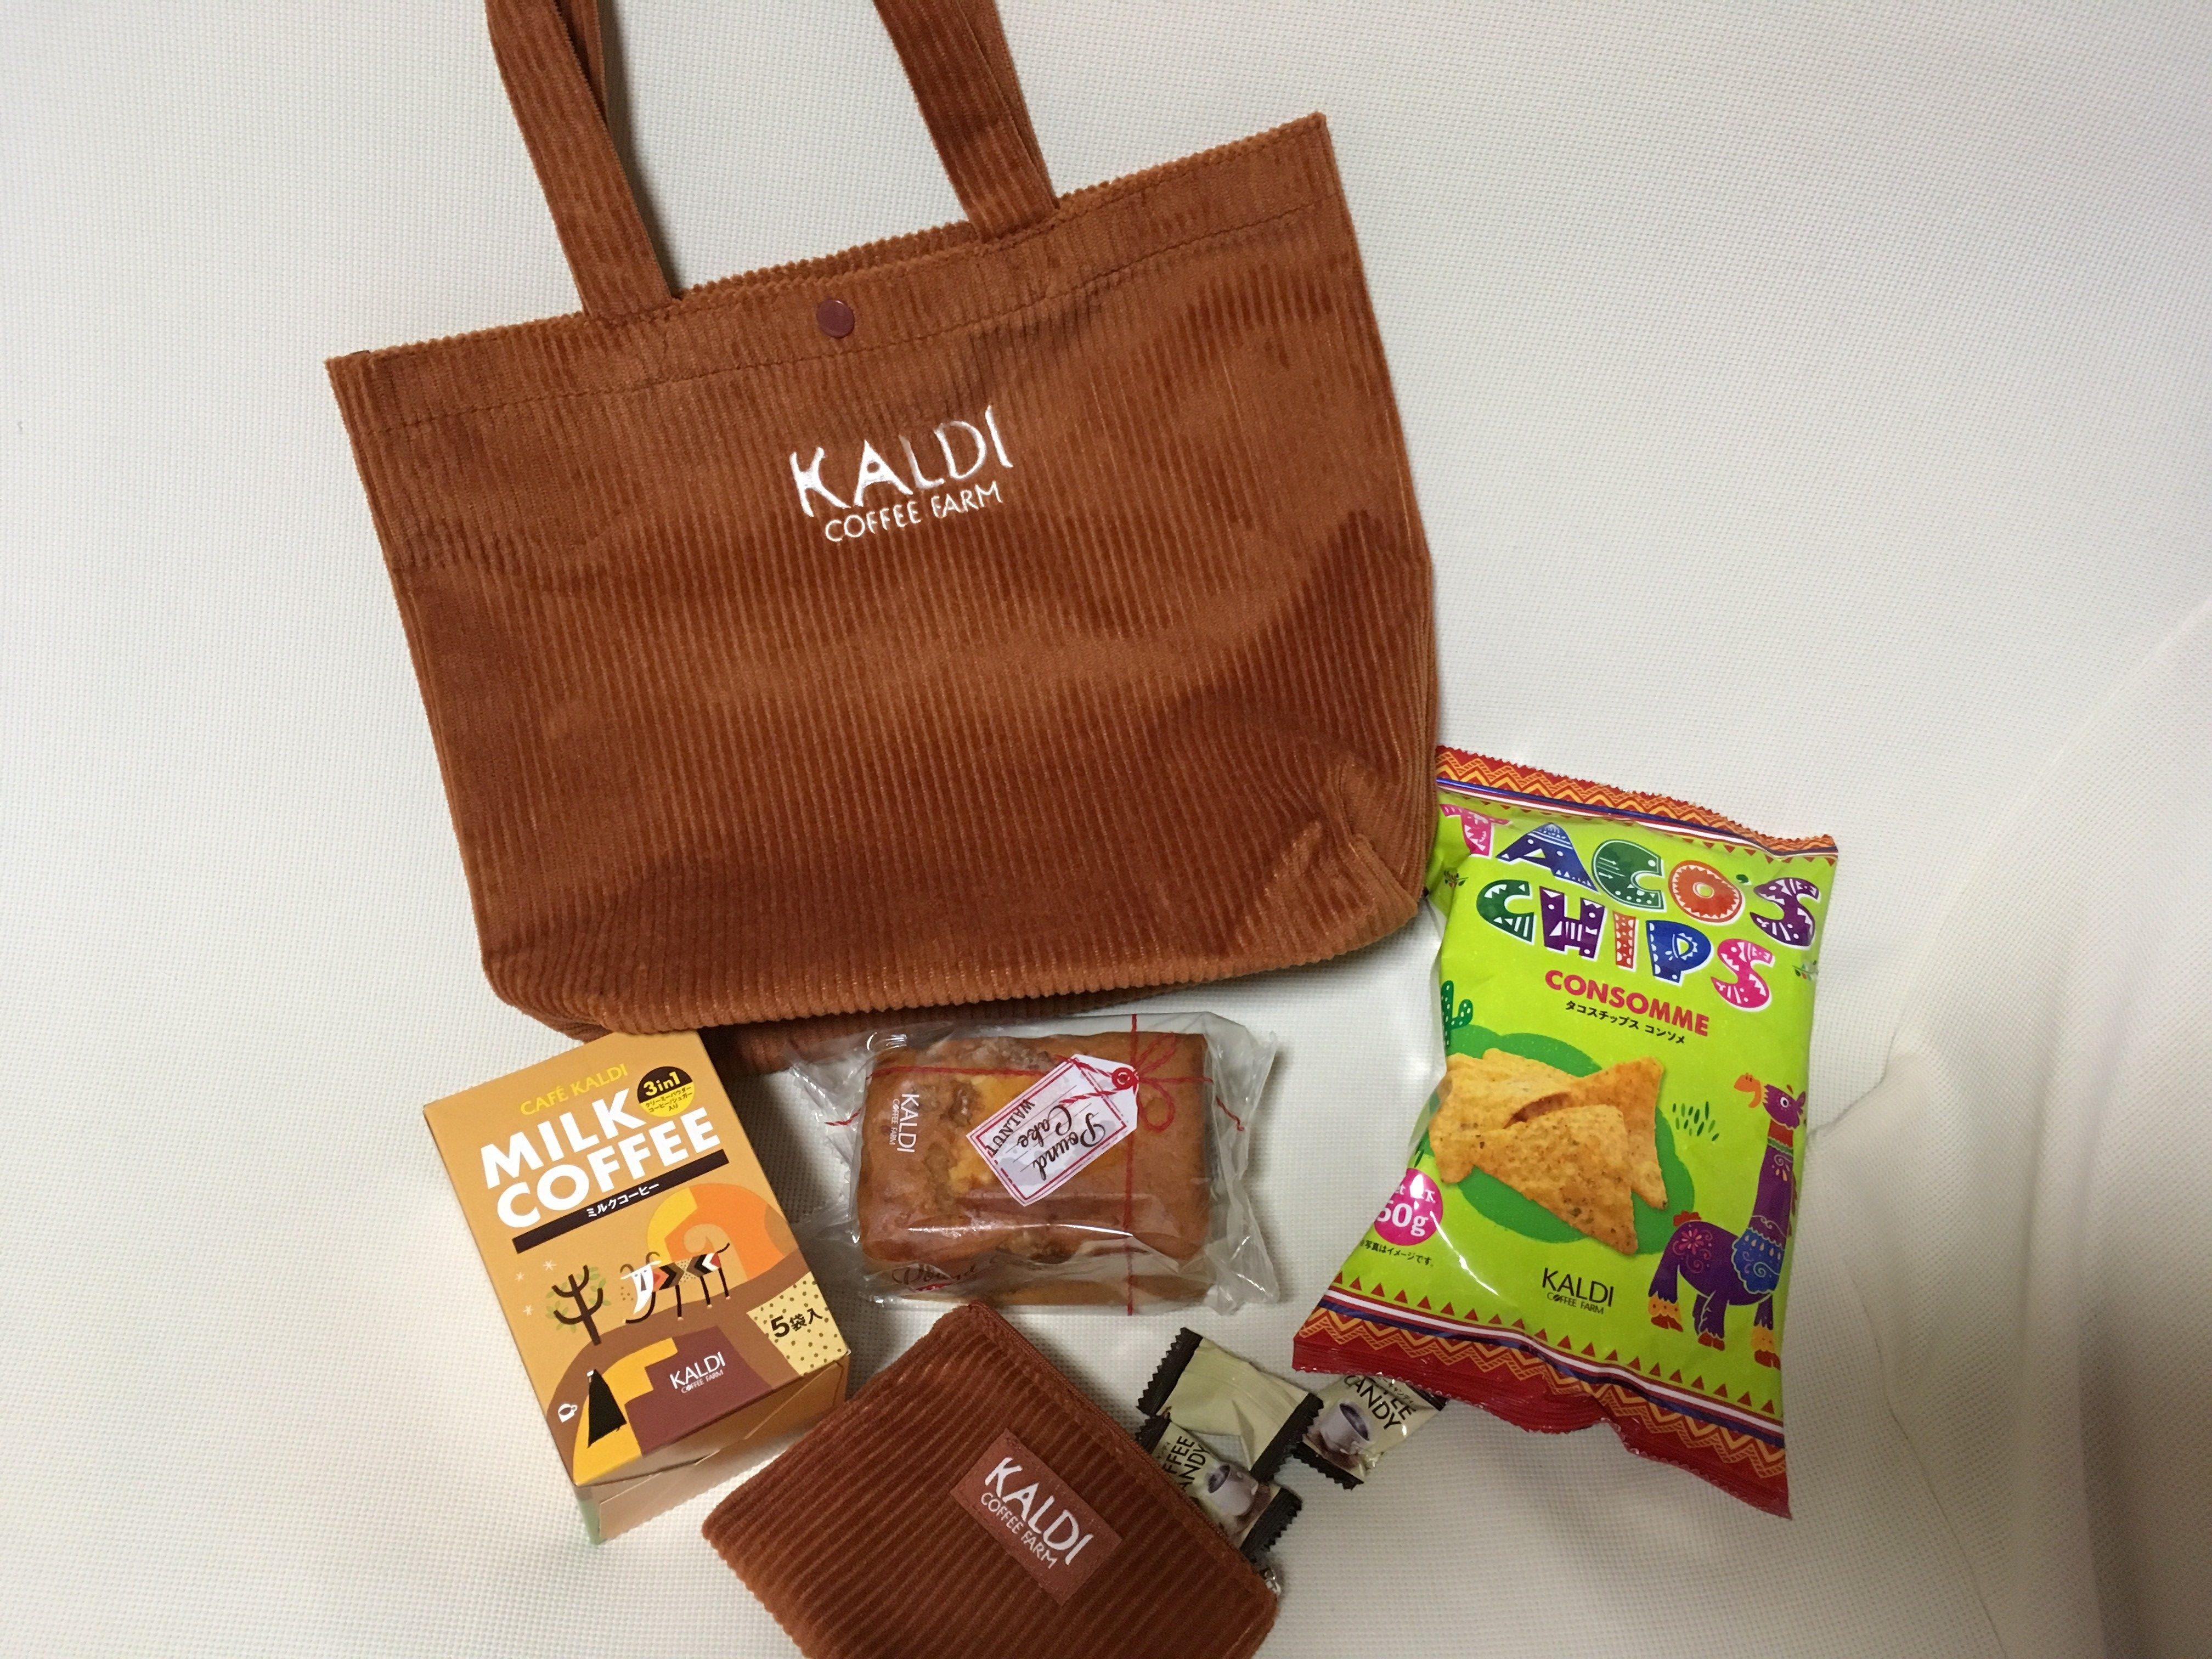 12月1日発売!KALDIウィンターバッグが可愛い!美味しい♪